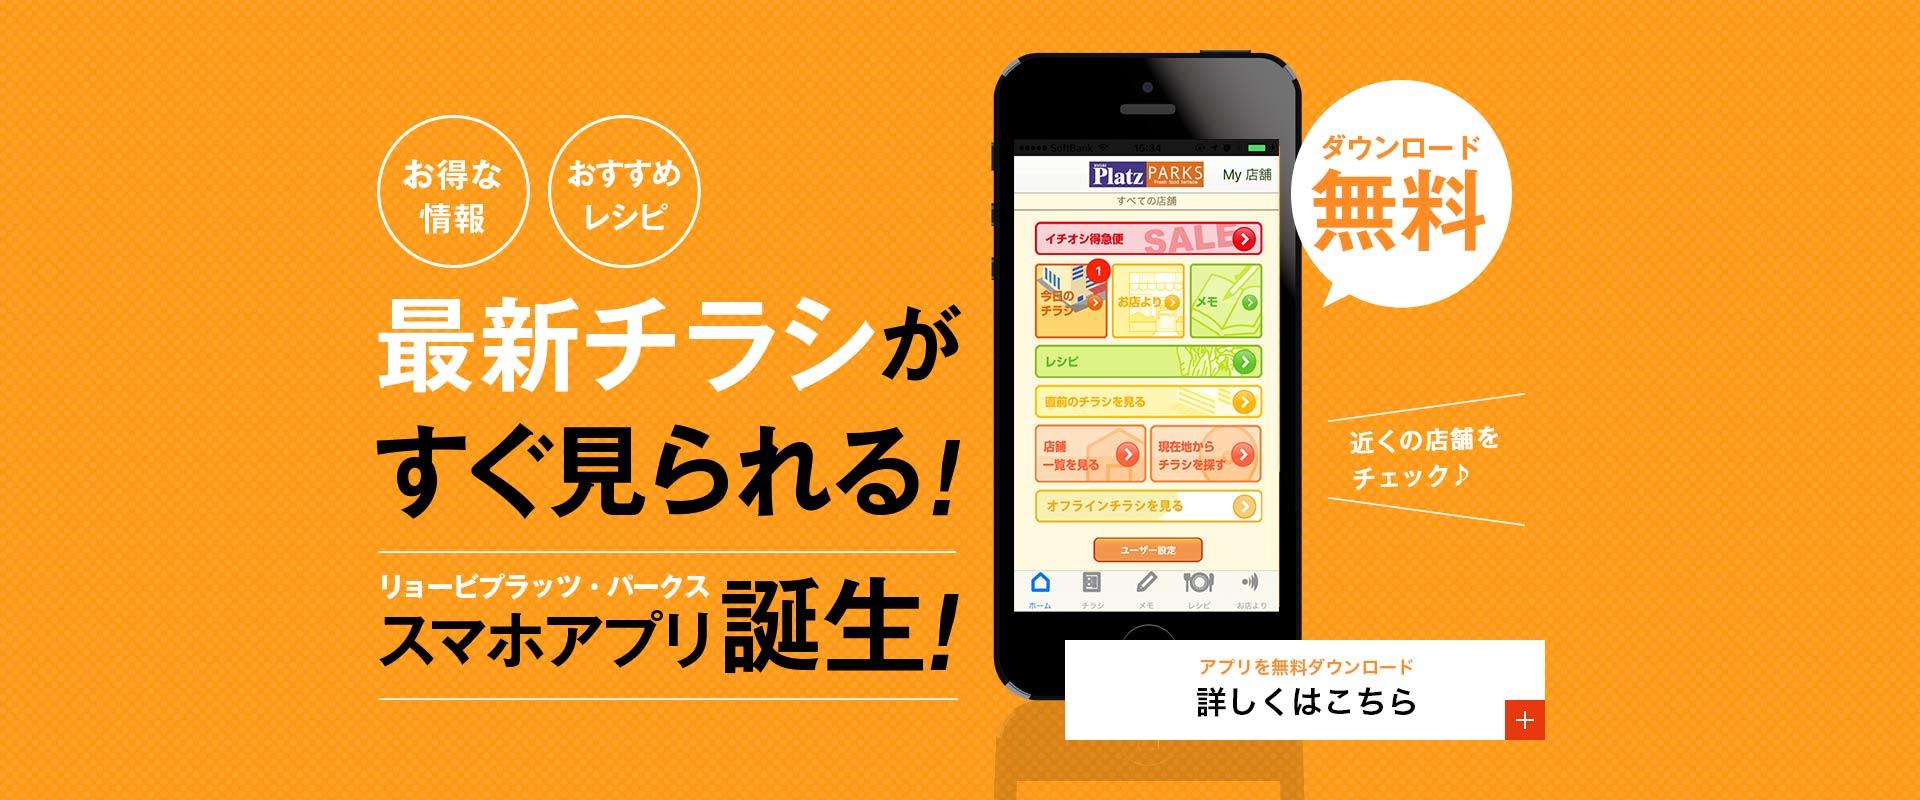 最新チラシがすぐ見られる!スマホアプリ誕生!アプリを無料ダウンロード 詳しくはこちら